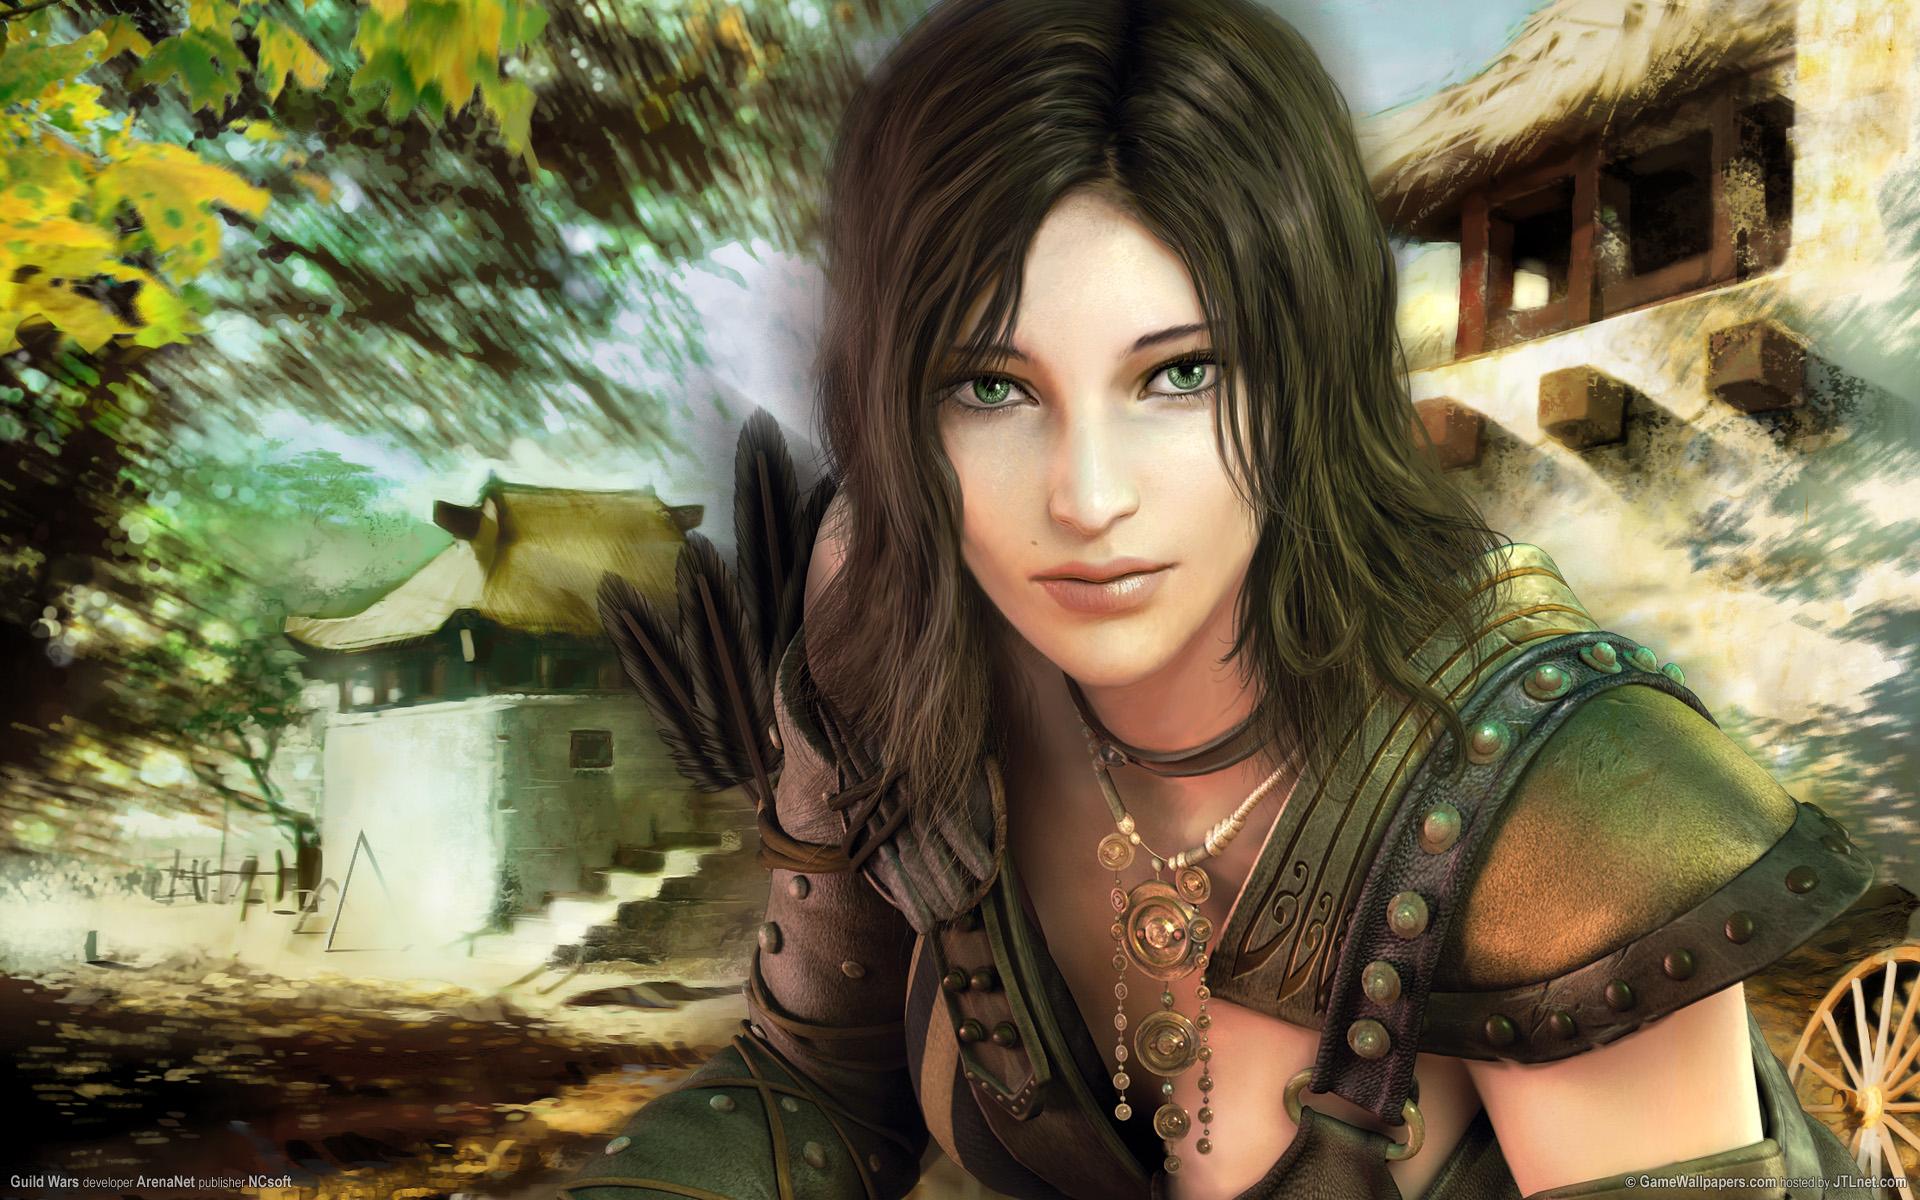 Рисованные девушки из компьютерных игр 7 фотография